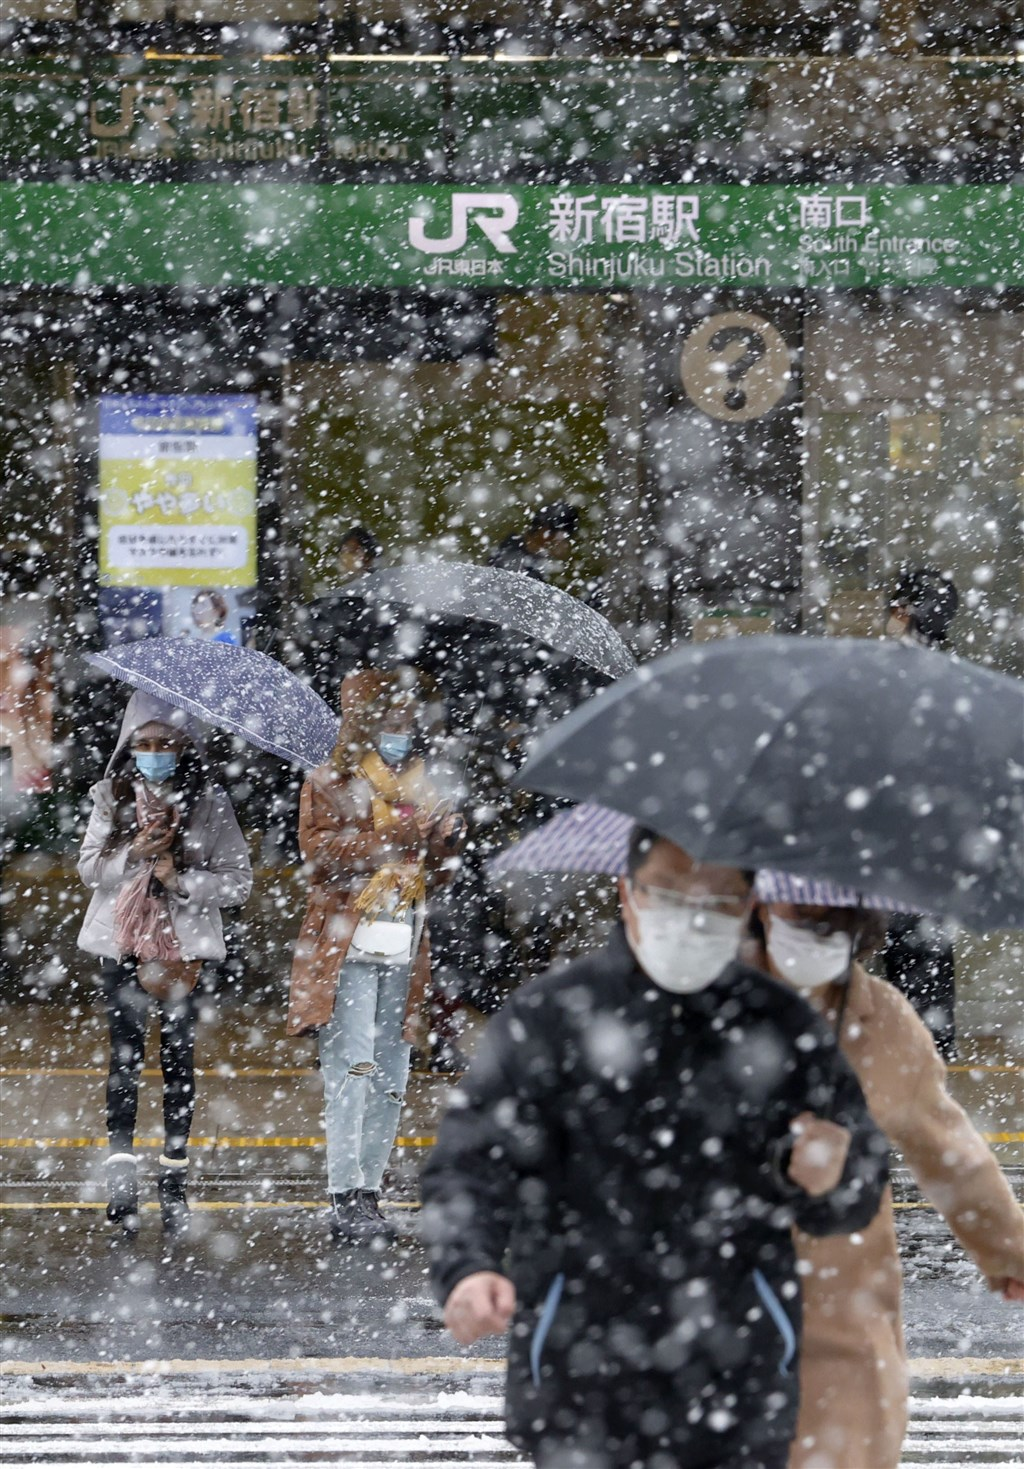 東京都29日降雪到中午12時止已積雪1公分,是時隔51年再度出現櫻花滿開後還積雪達1公分,氣象新聞公司表示情況相當罕見。(共同社提供)